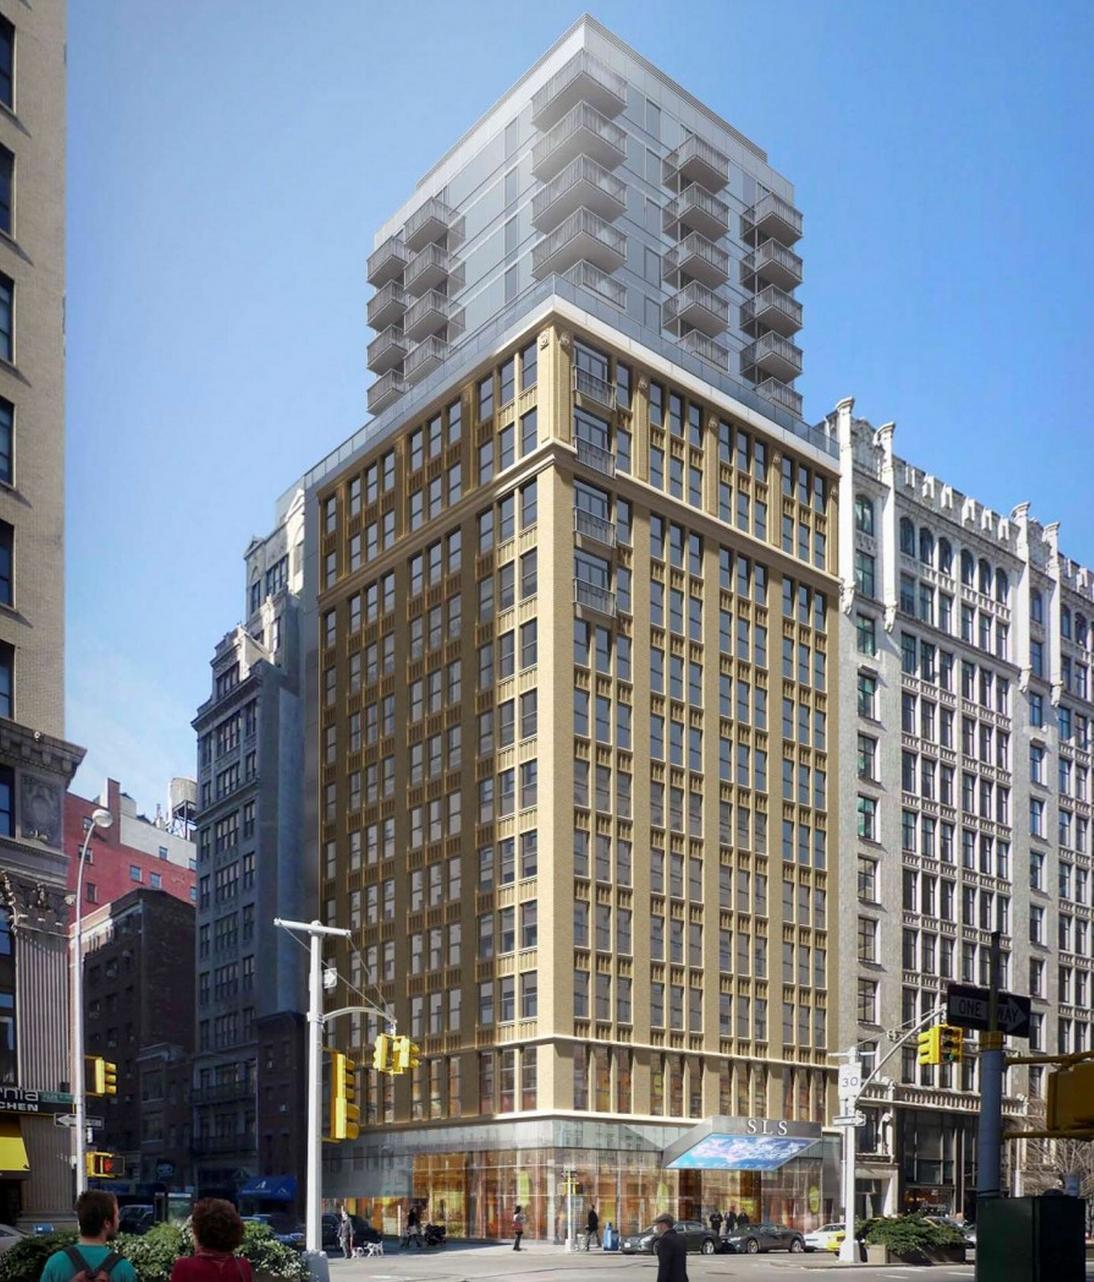 444 Park Avenue South